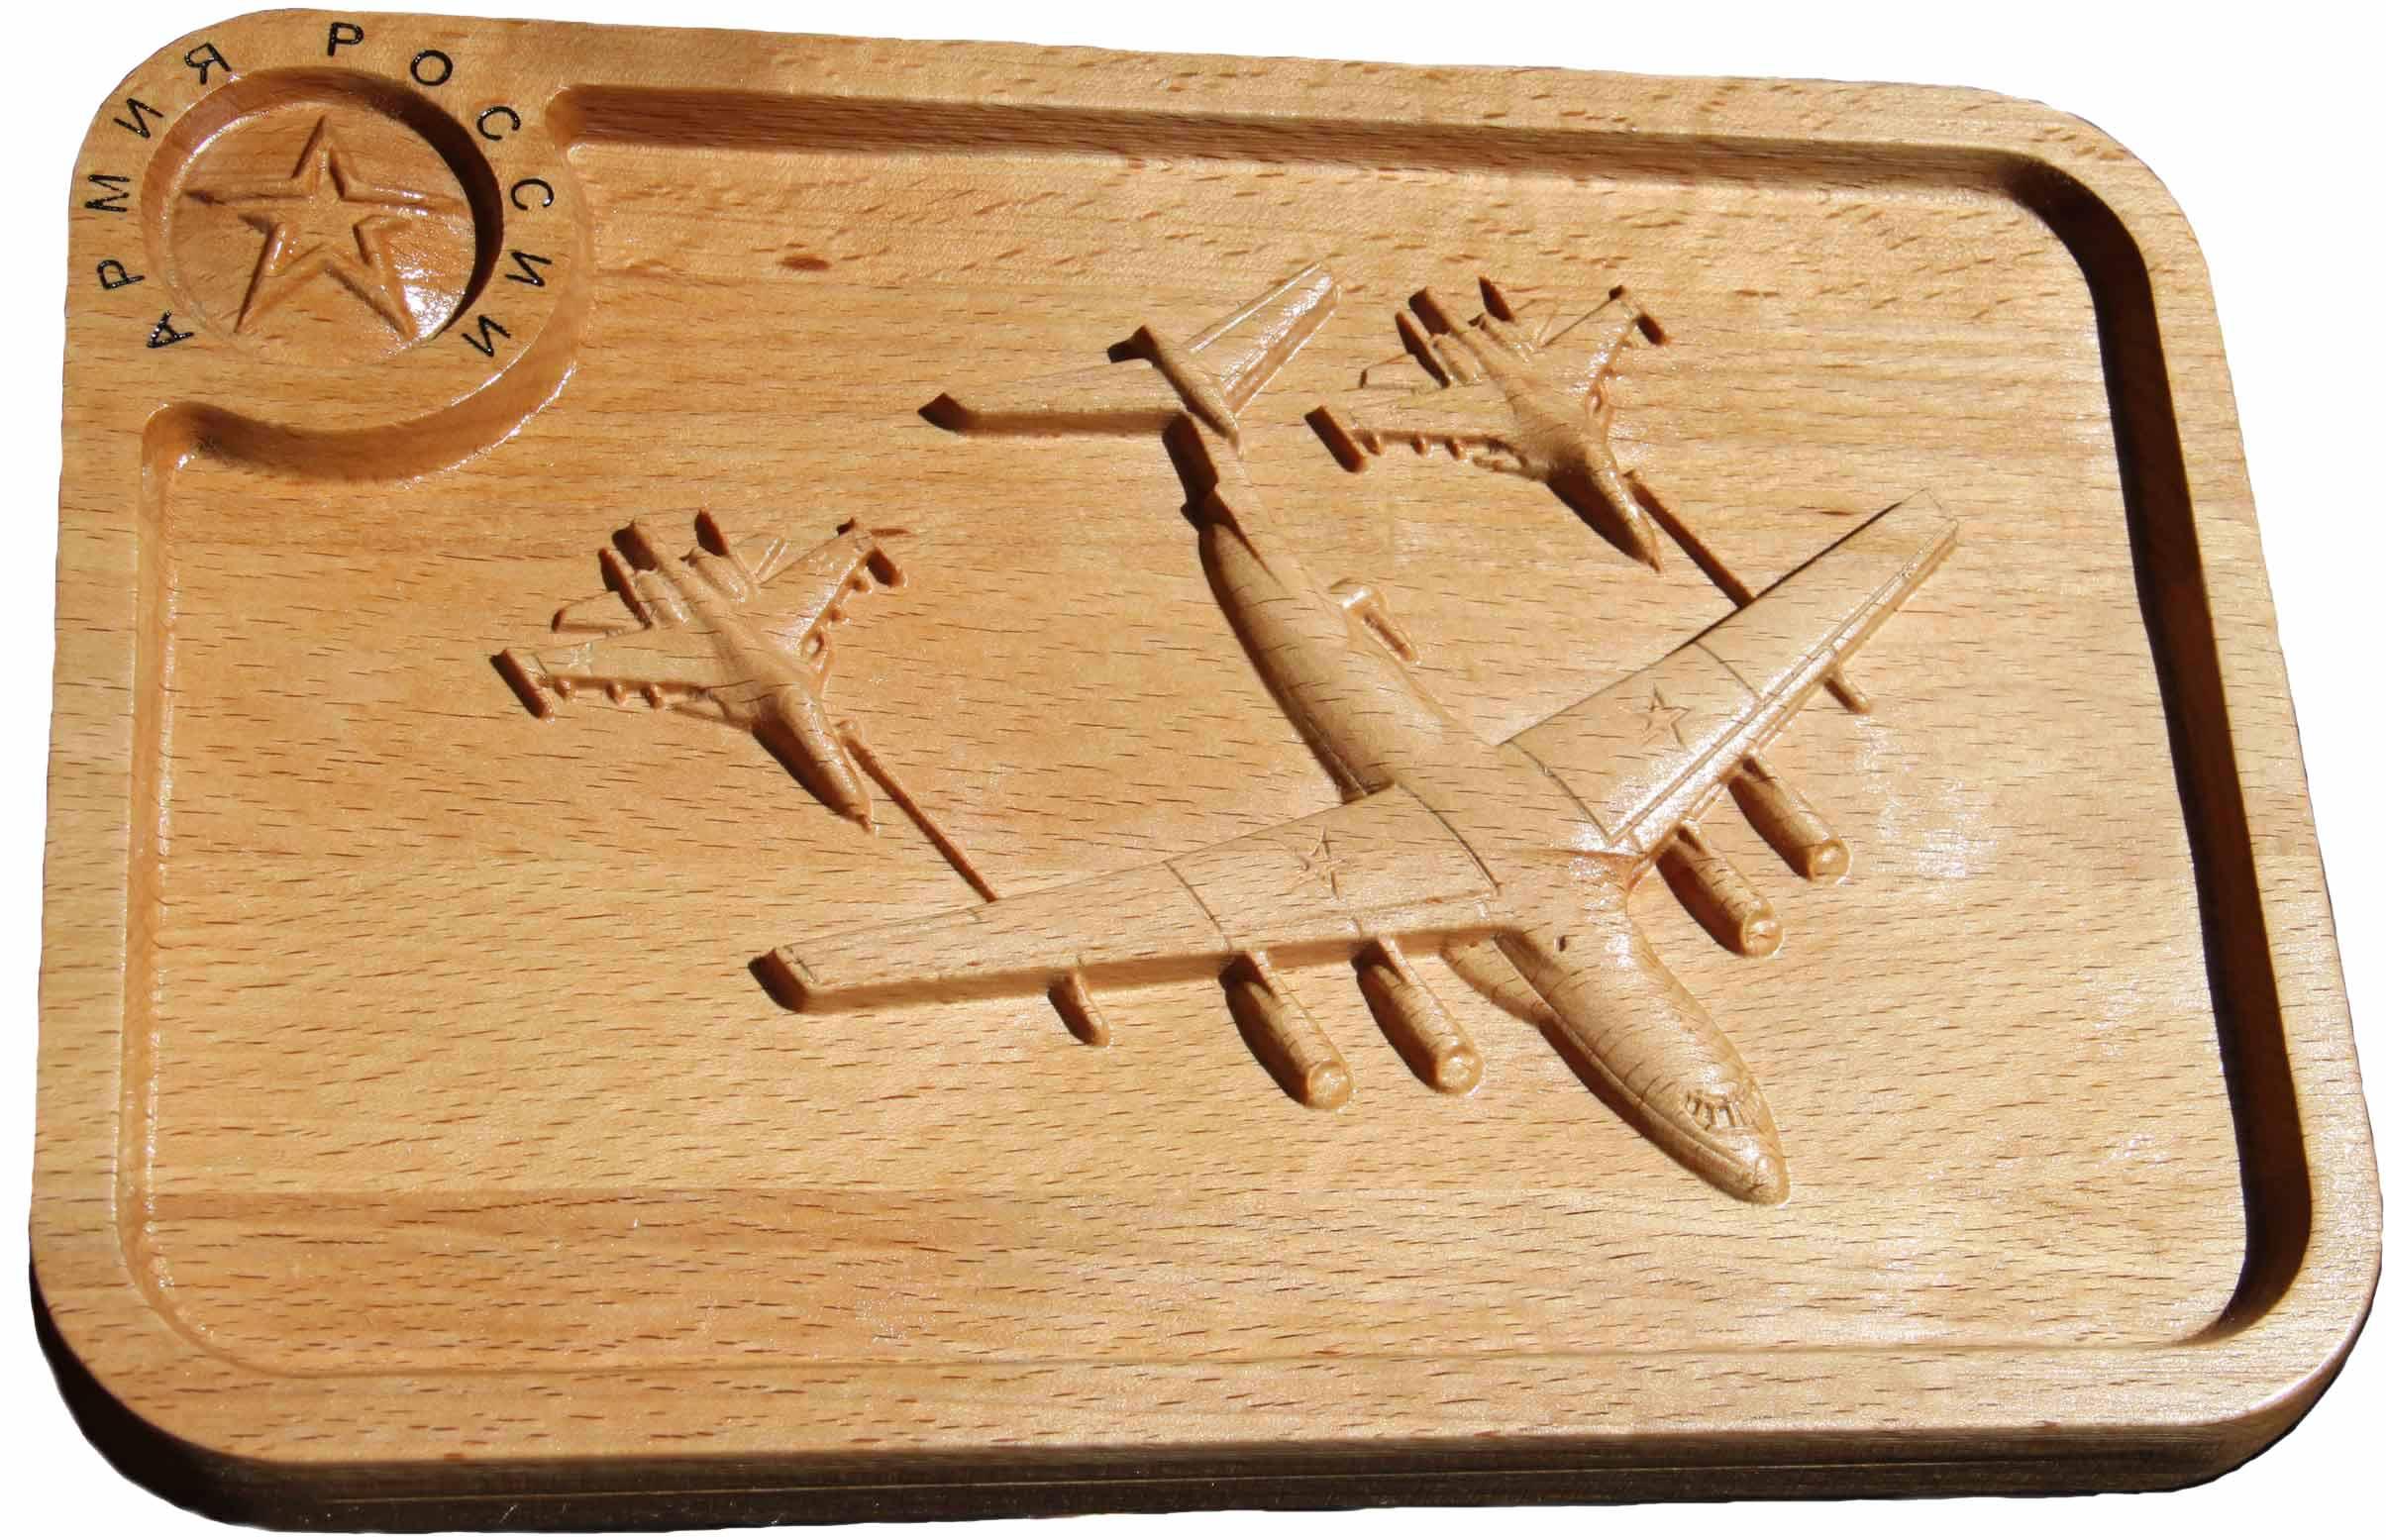 КБ Рукоделки: подарки и изделия из дерева на заказ Изготовление рельефного панно